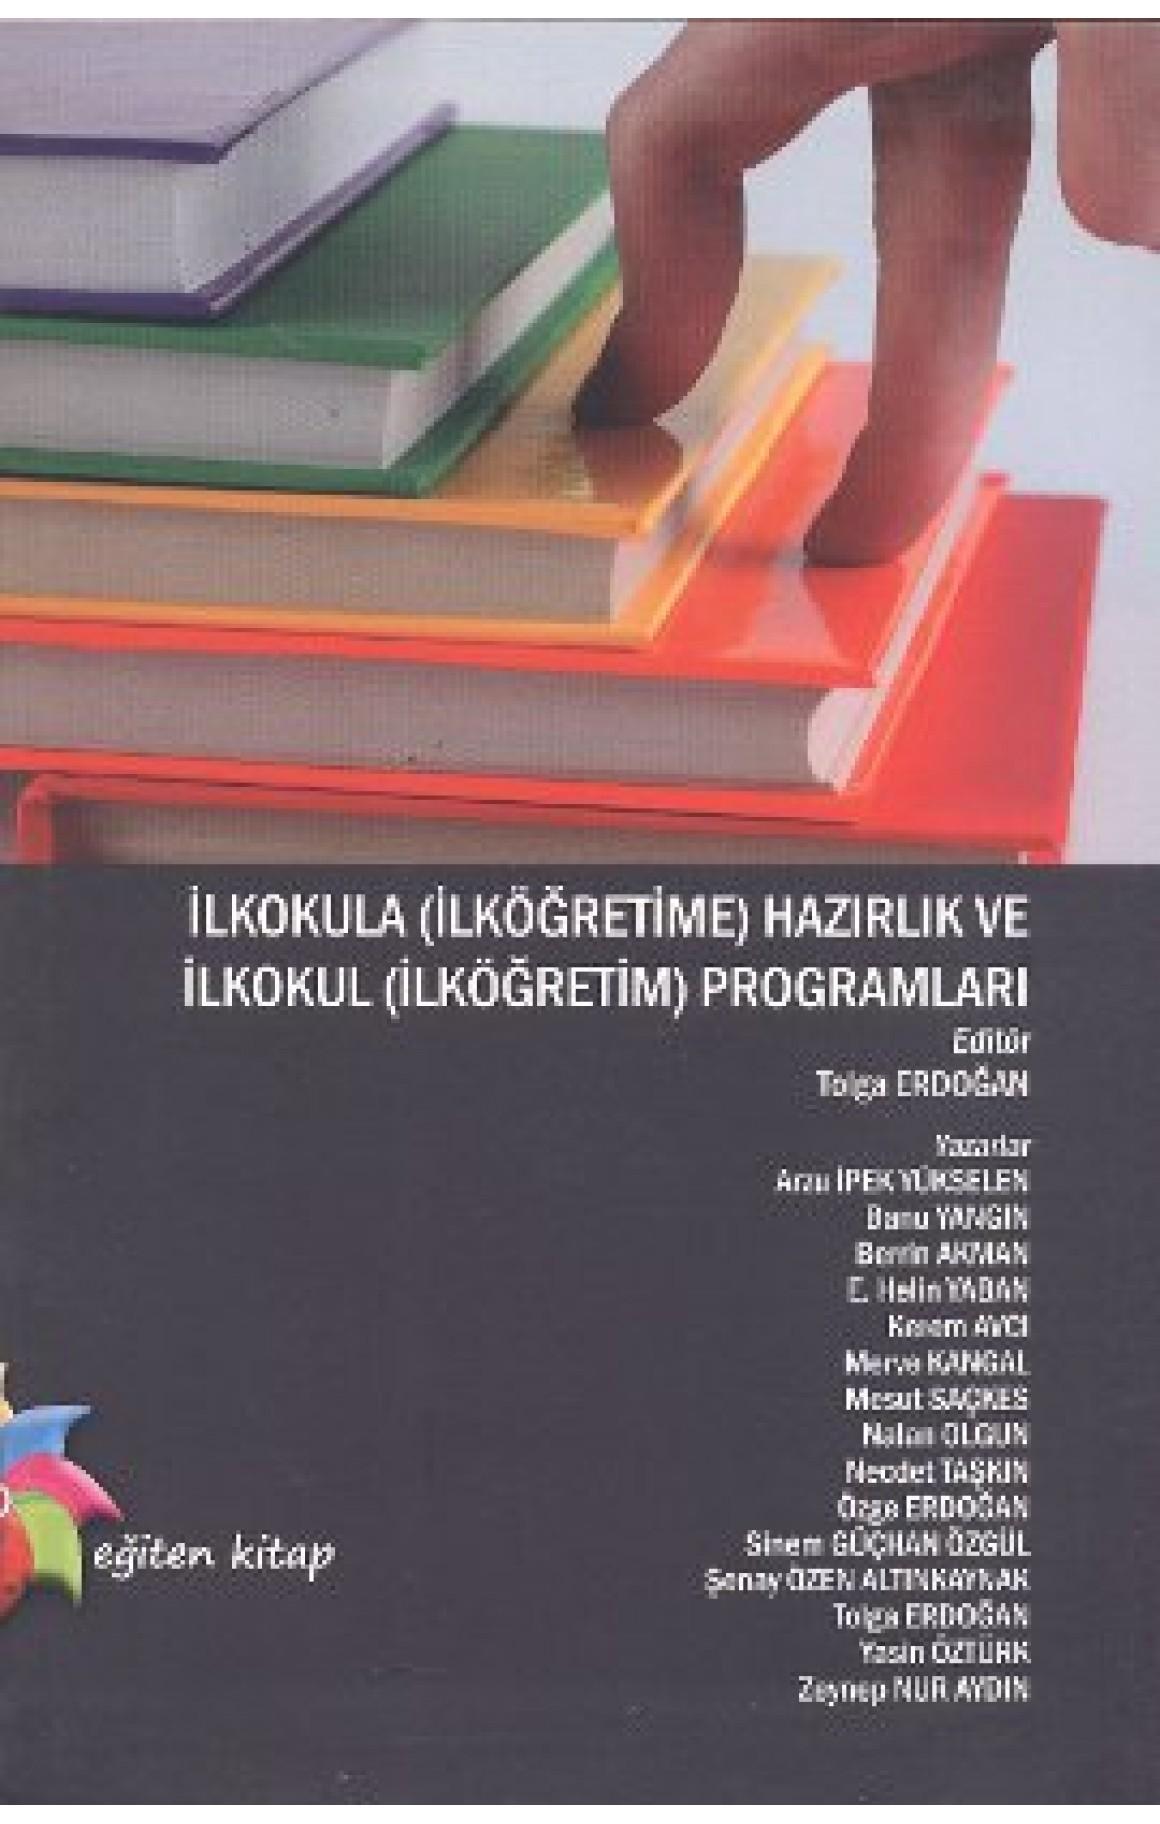 İlkokula (İlköğretime) Hazırlık ve İlkokul (İlköğretim) Programları